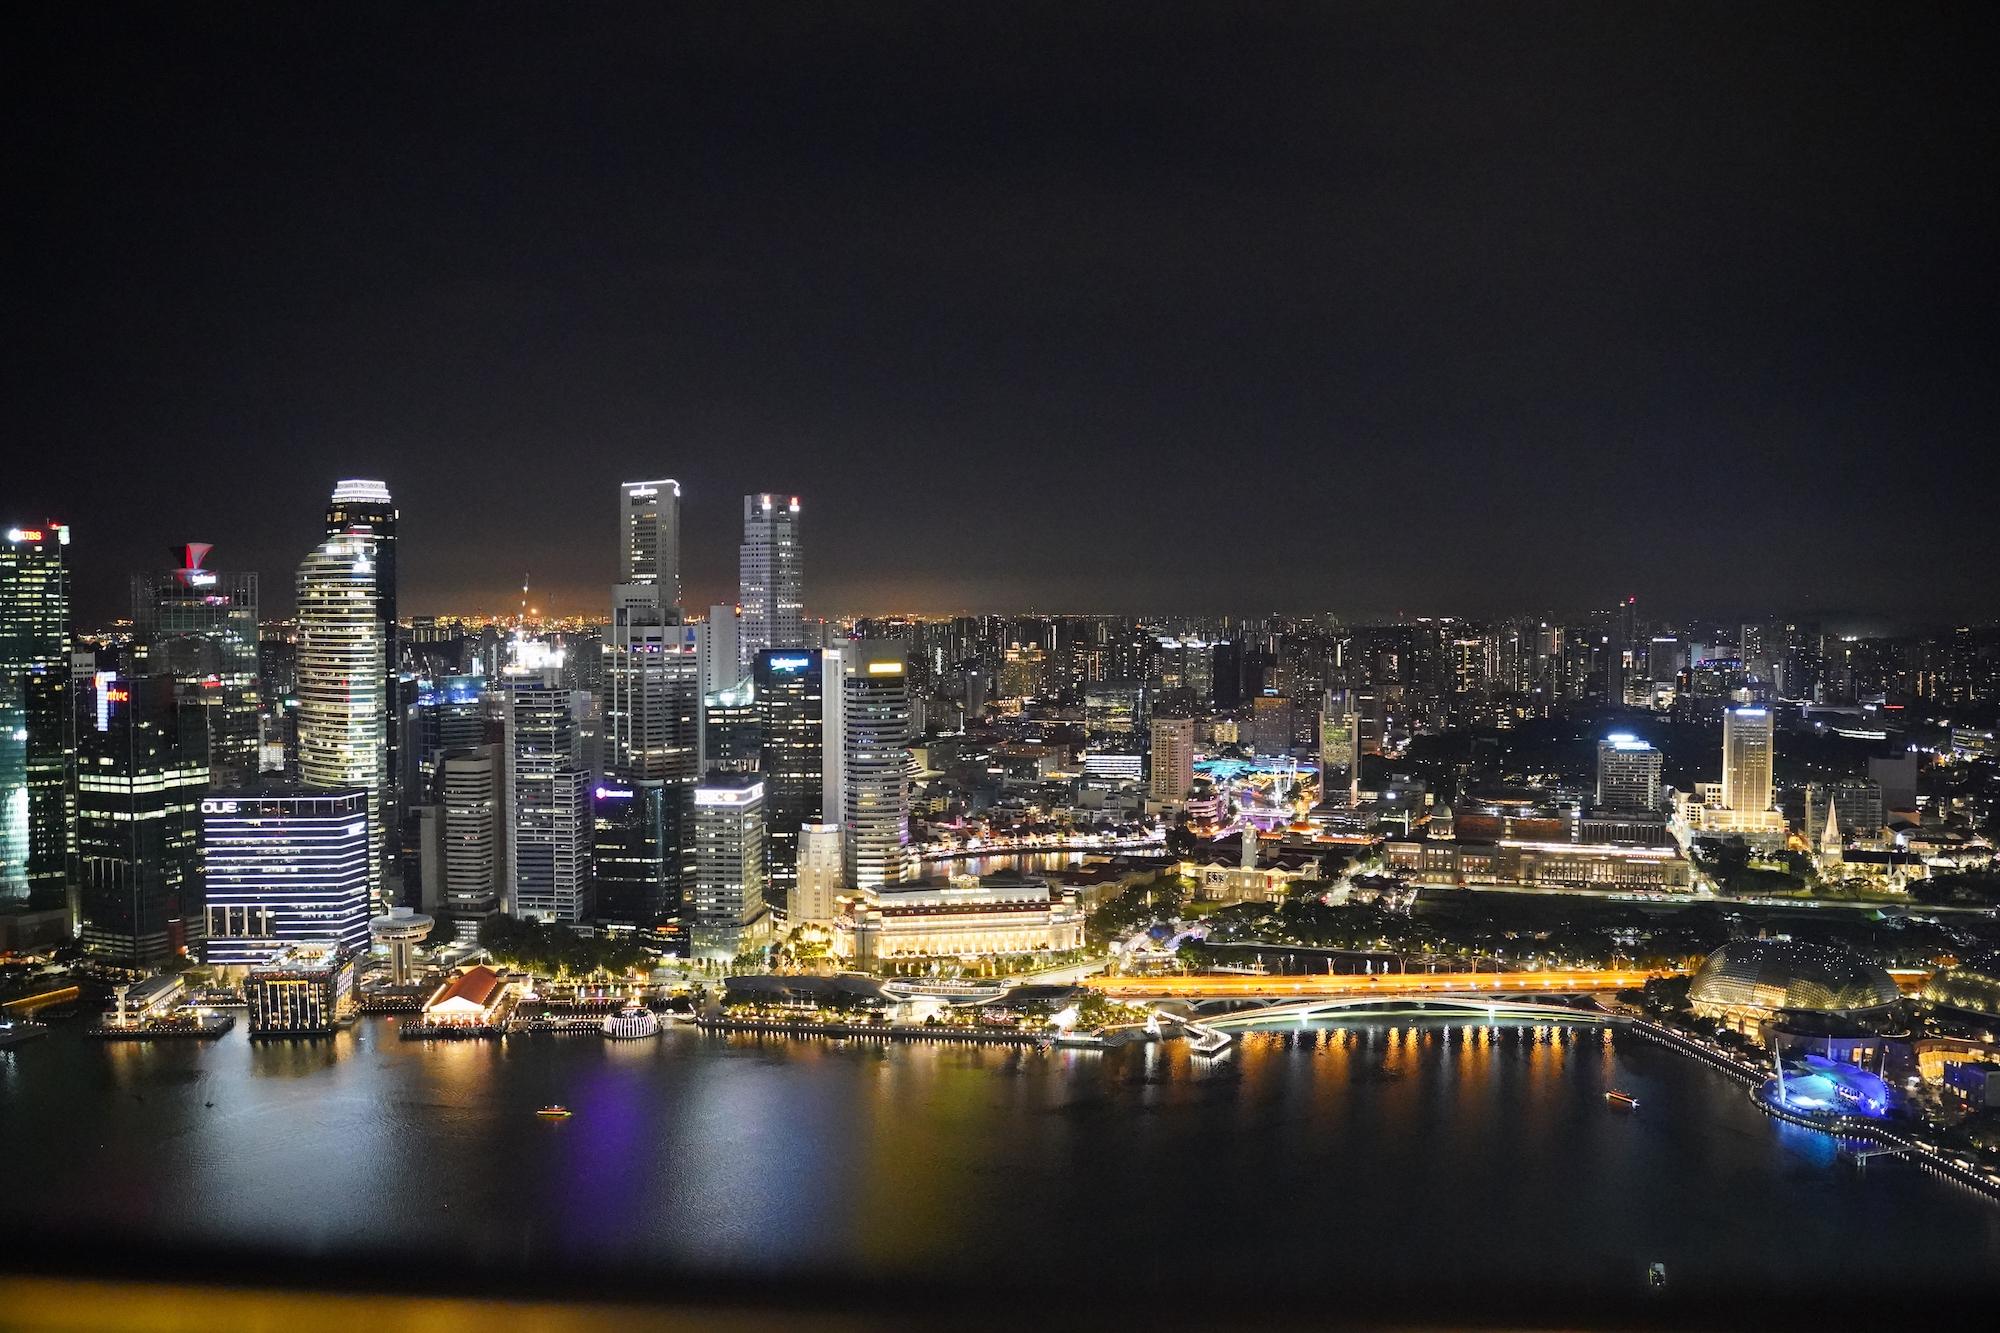 2019年11月30日、シンガポールのマリーナベイ・サンズ屋上のレストラン・CE LA VI(セラヴィ)から眺めた夜景/撮影:SHUN ONLINE